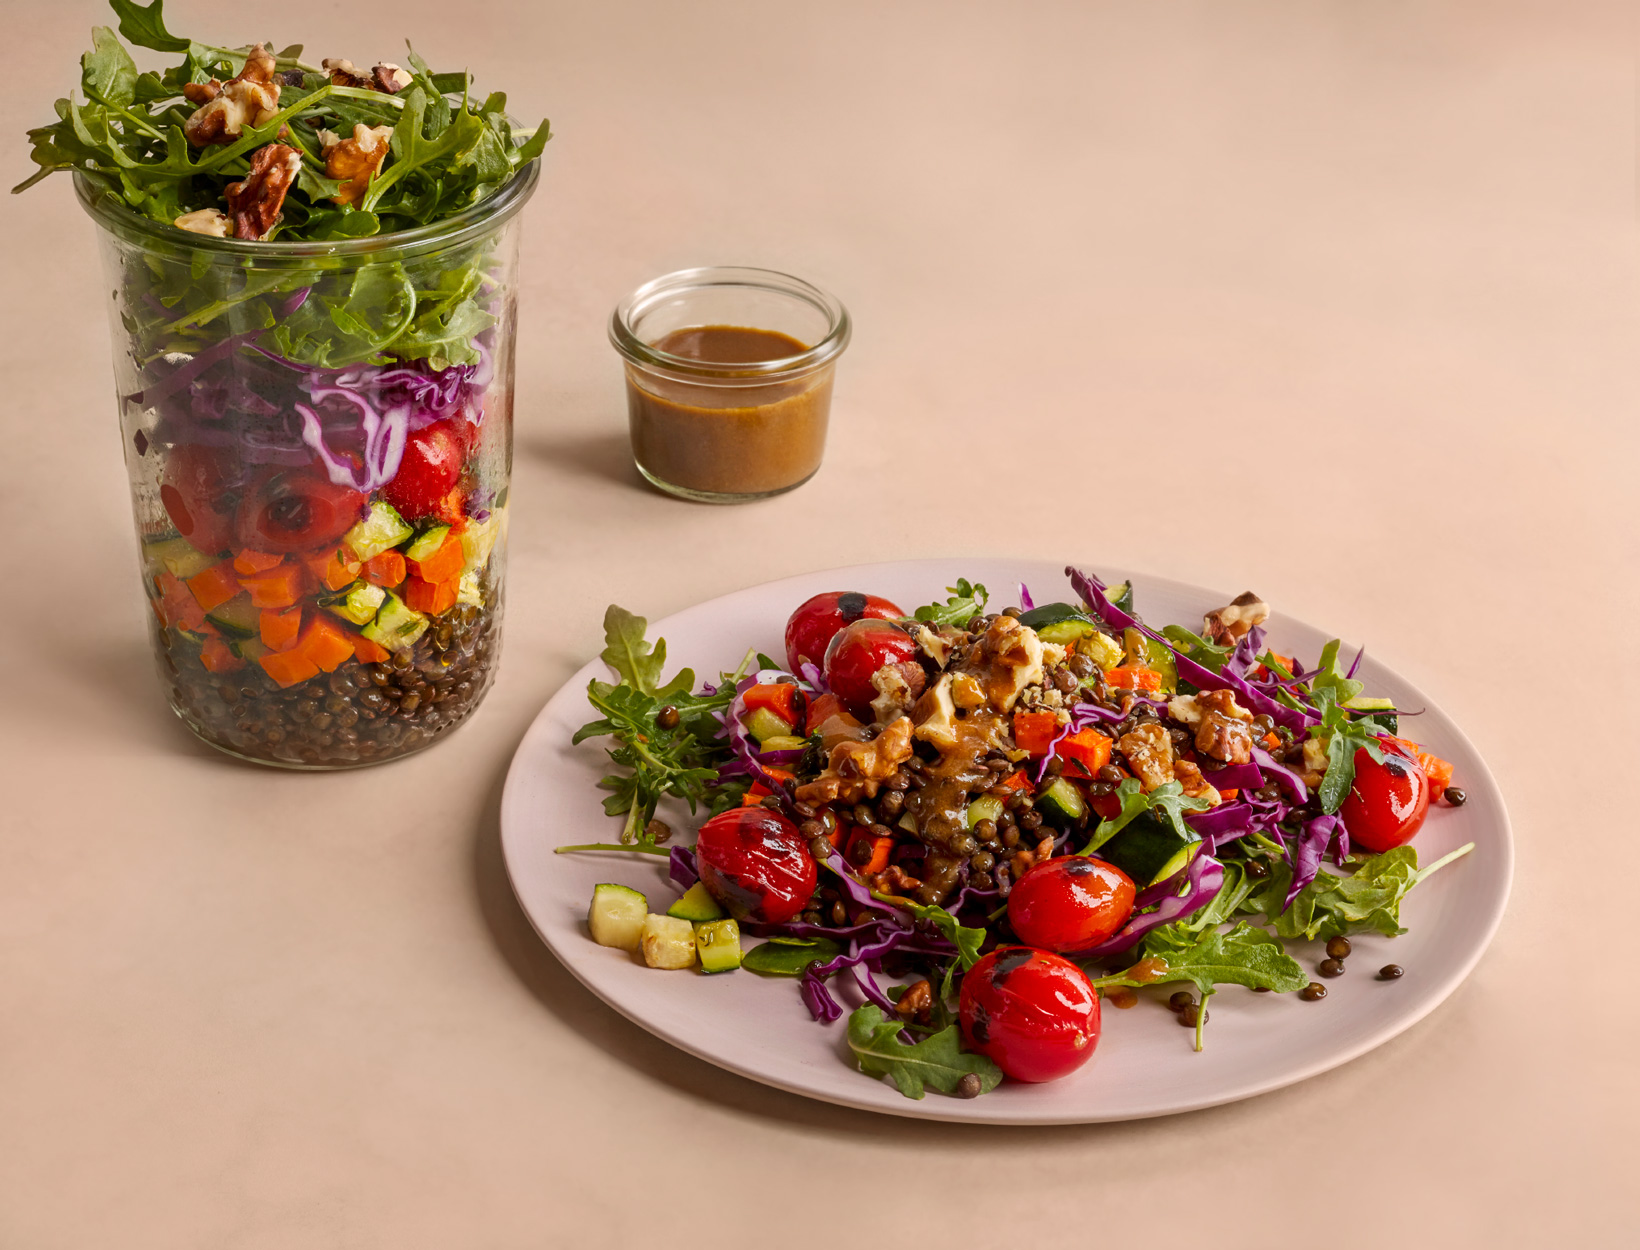 Balsamic Lentil Salad